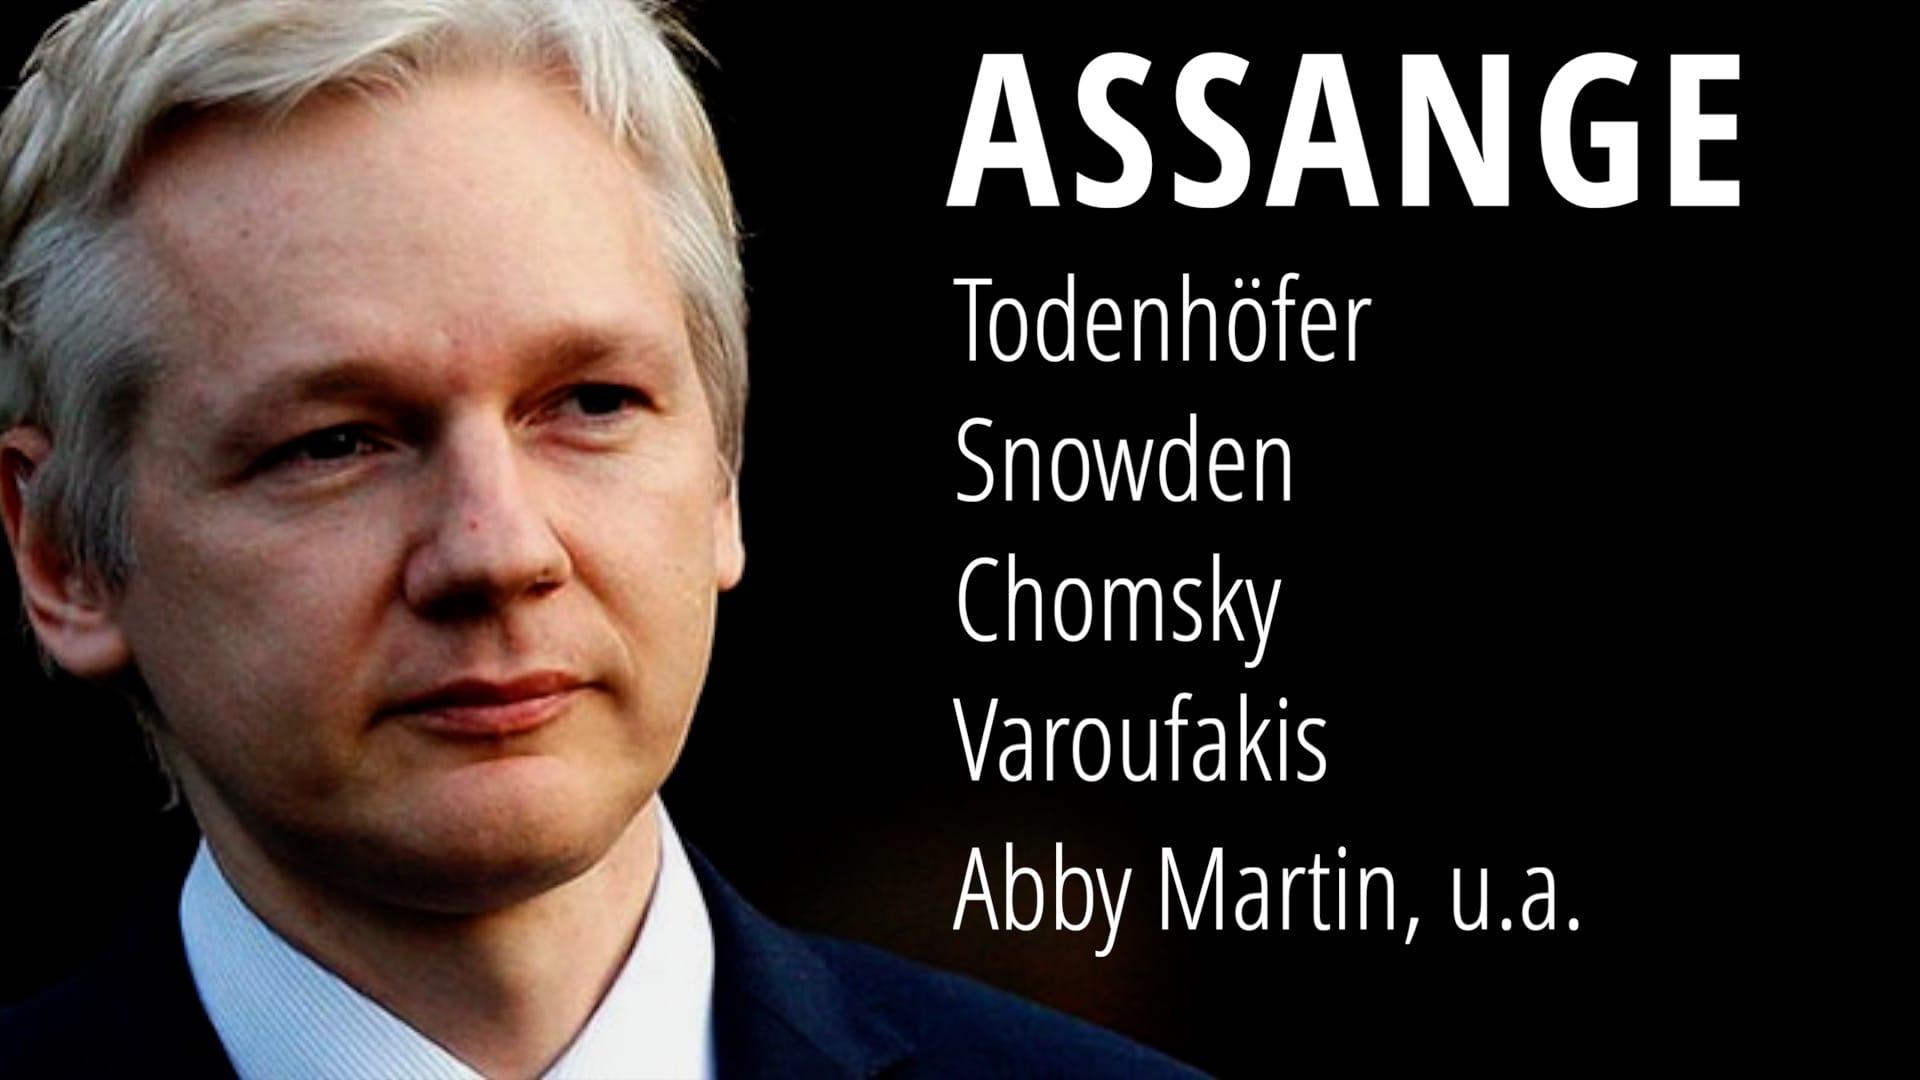 Assange Todenhöfer Snowden Chomsky